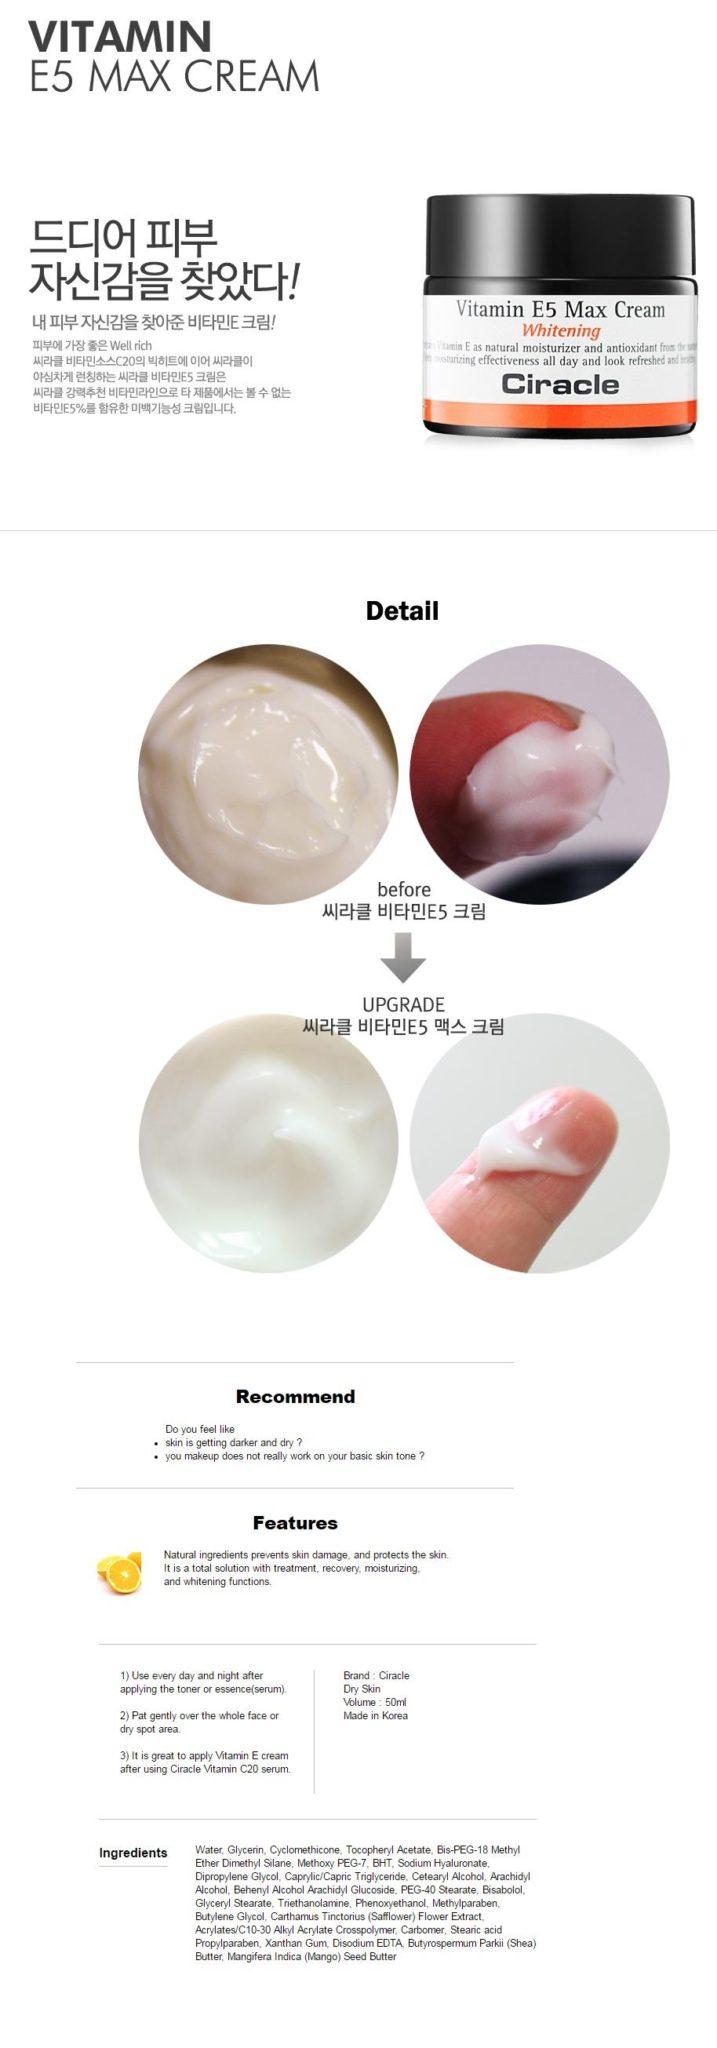 COSRX CIRACLE Vitamin E5 Max Cream Whitening 50ml